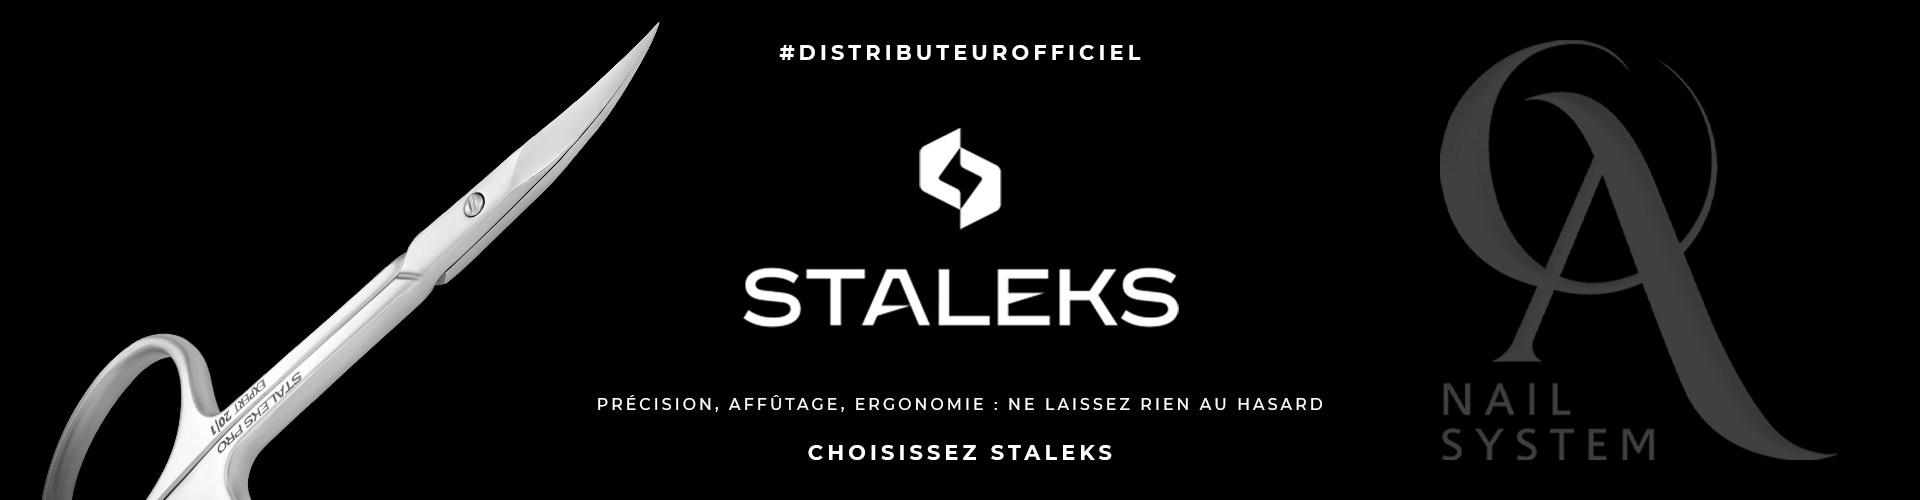 EXCLUSIVITÉ : Distribution Officielle des Outils de Manucure STALEKS